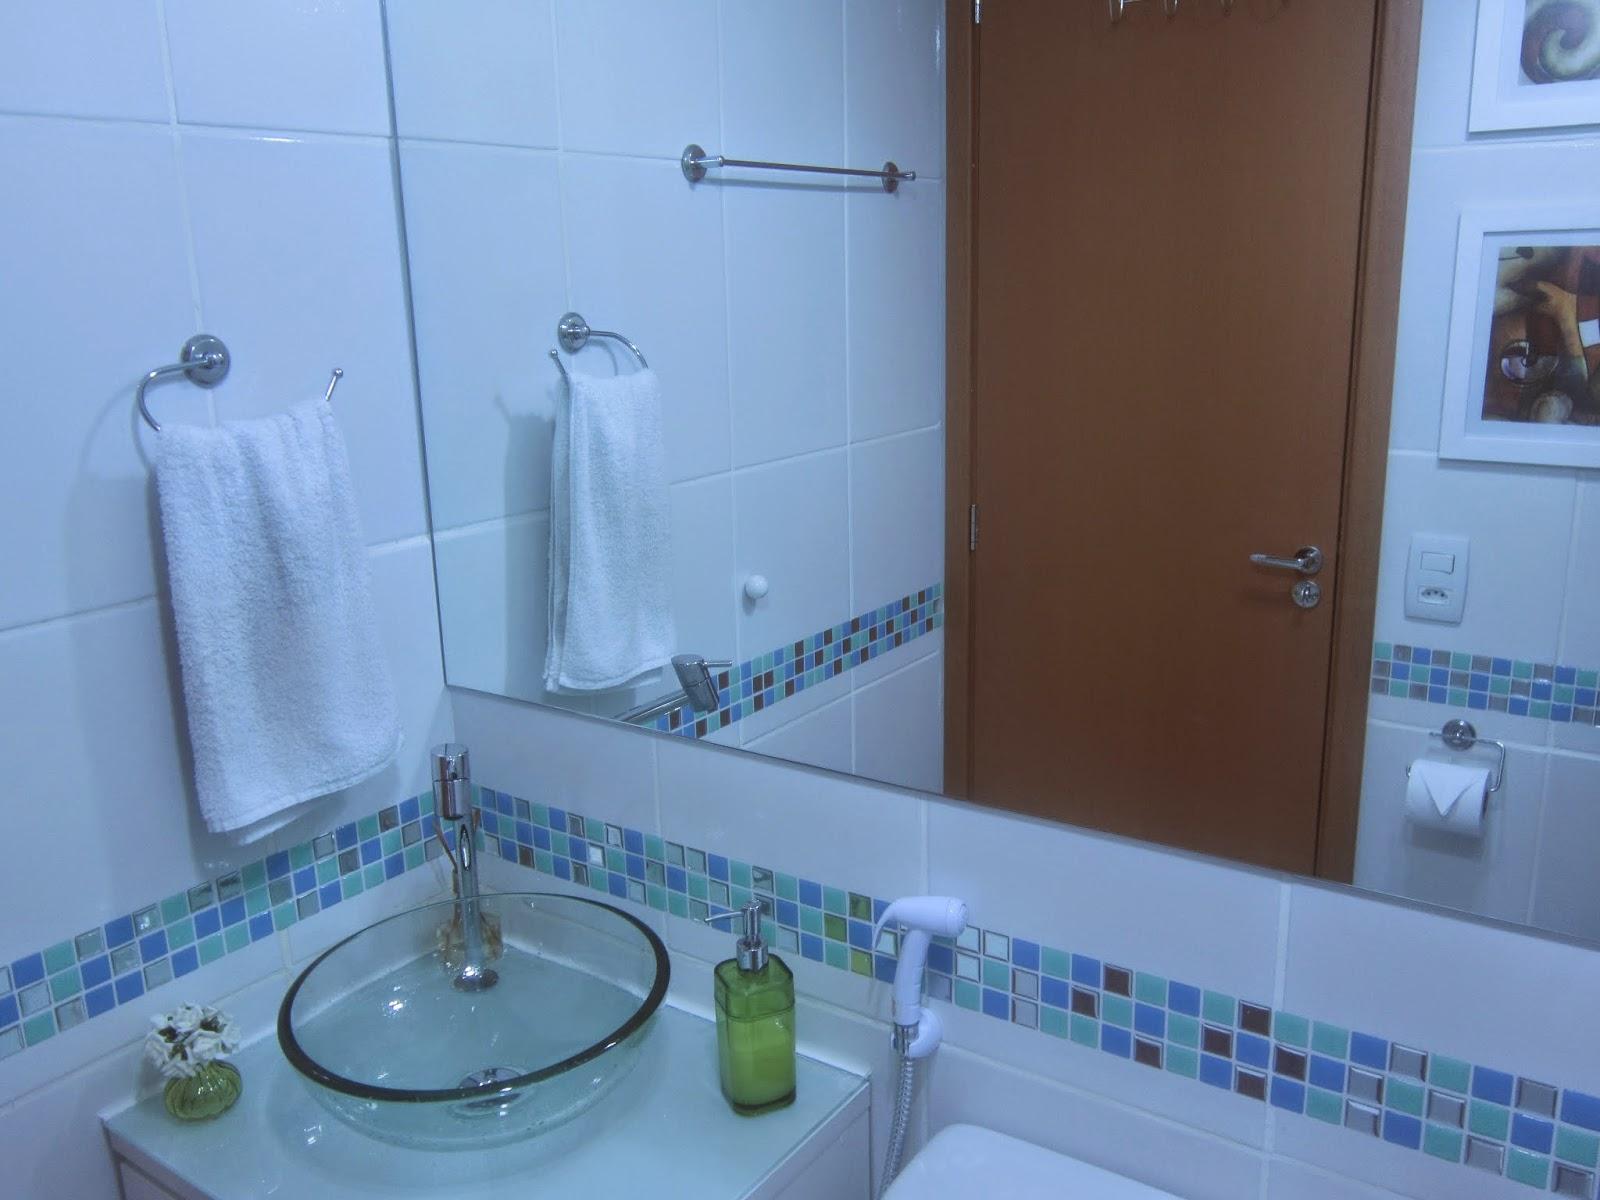 Banheiro Pequenos E Bonito, Banheiro Pequenos Simples, Banheiro Pia Bancada,  -> Pia Para Banheiro De Vidro